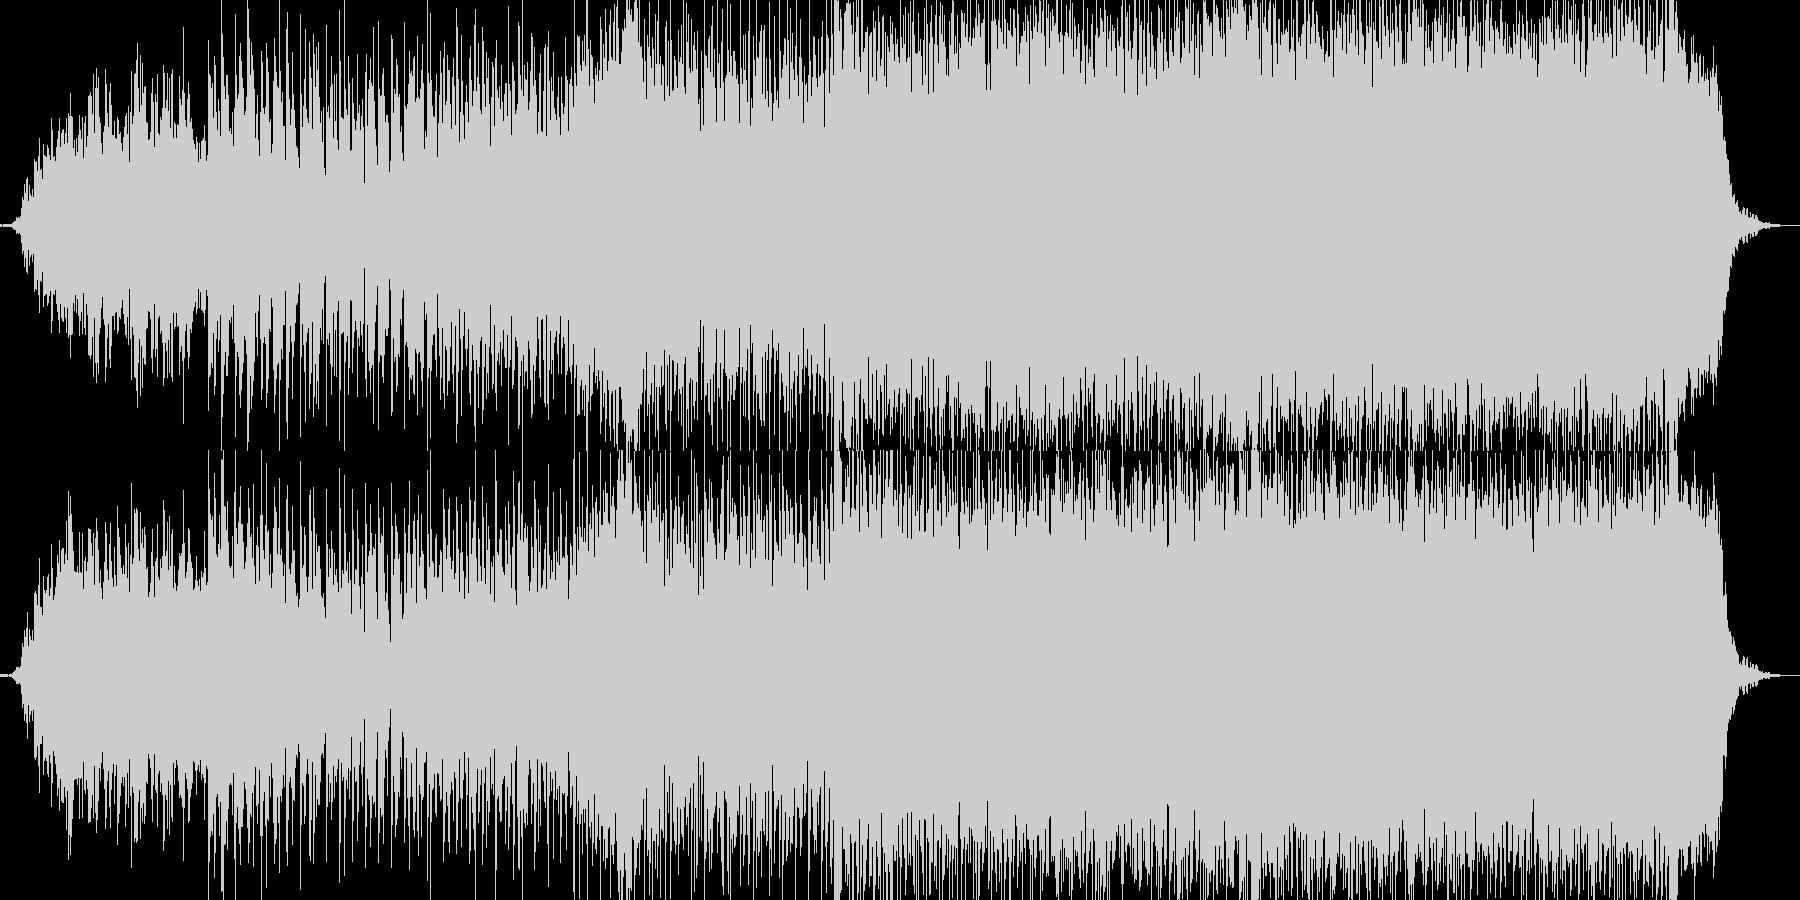 映画音楽、荘厳重厚、映像向け-32の未再生の波形